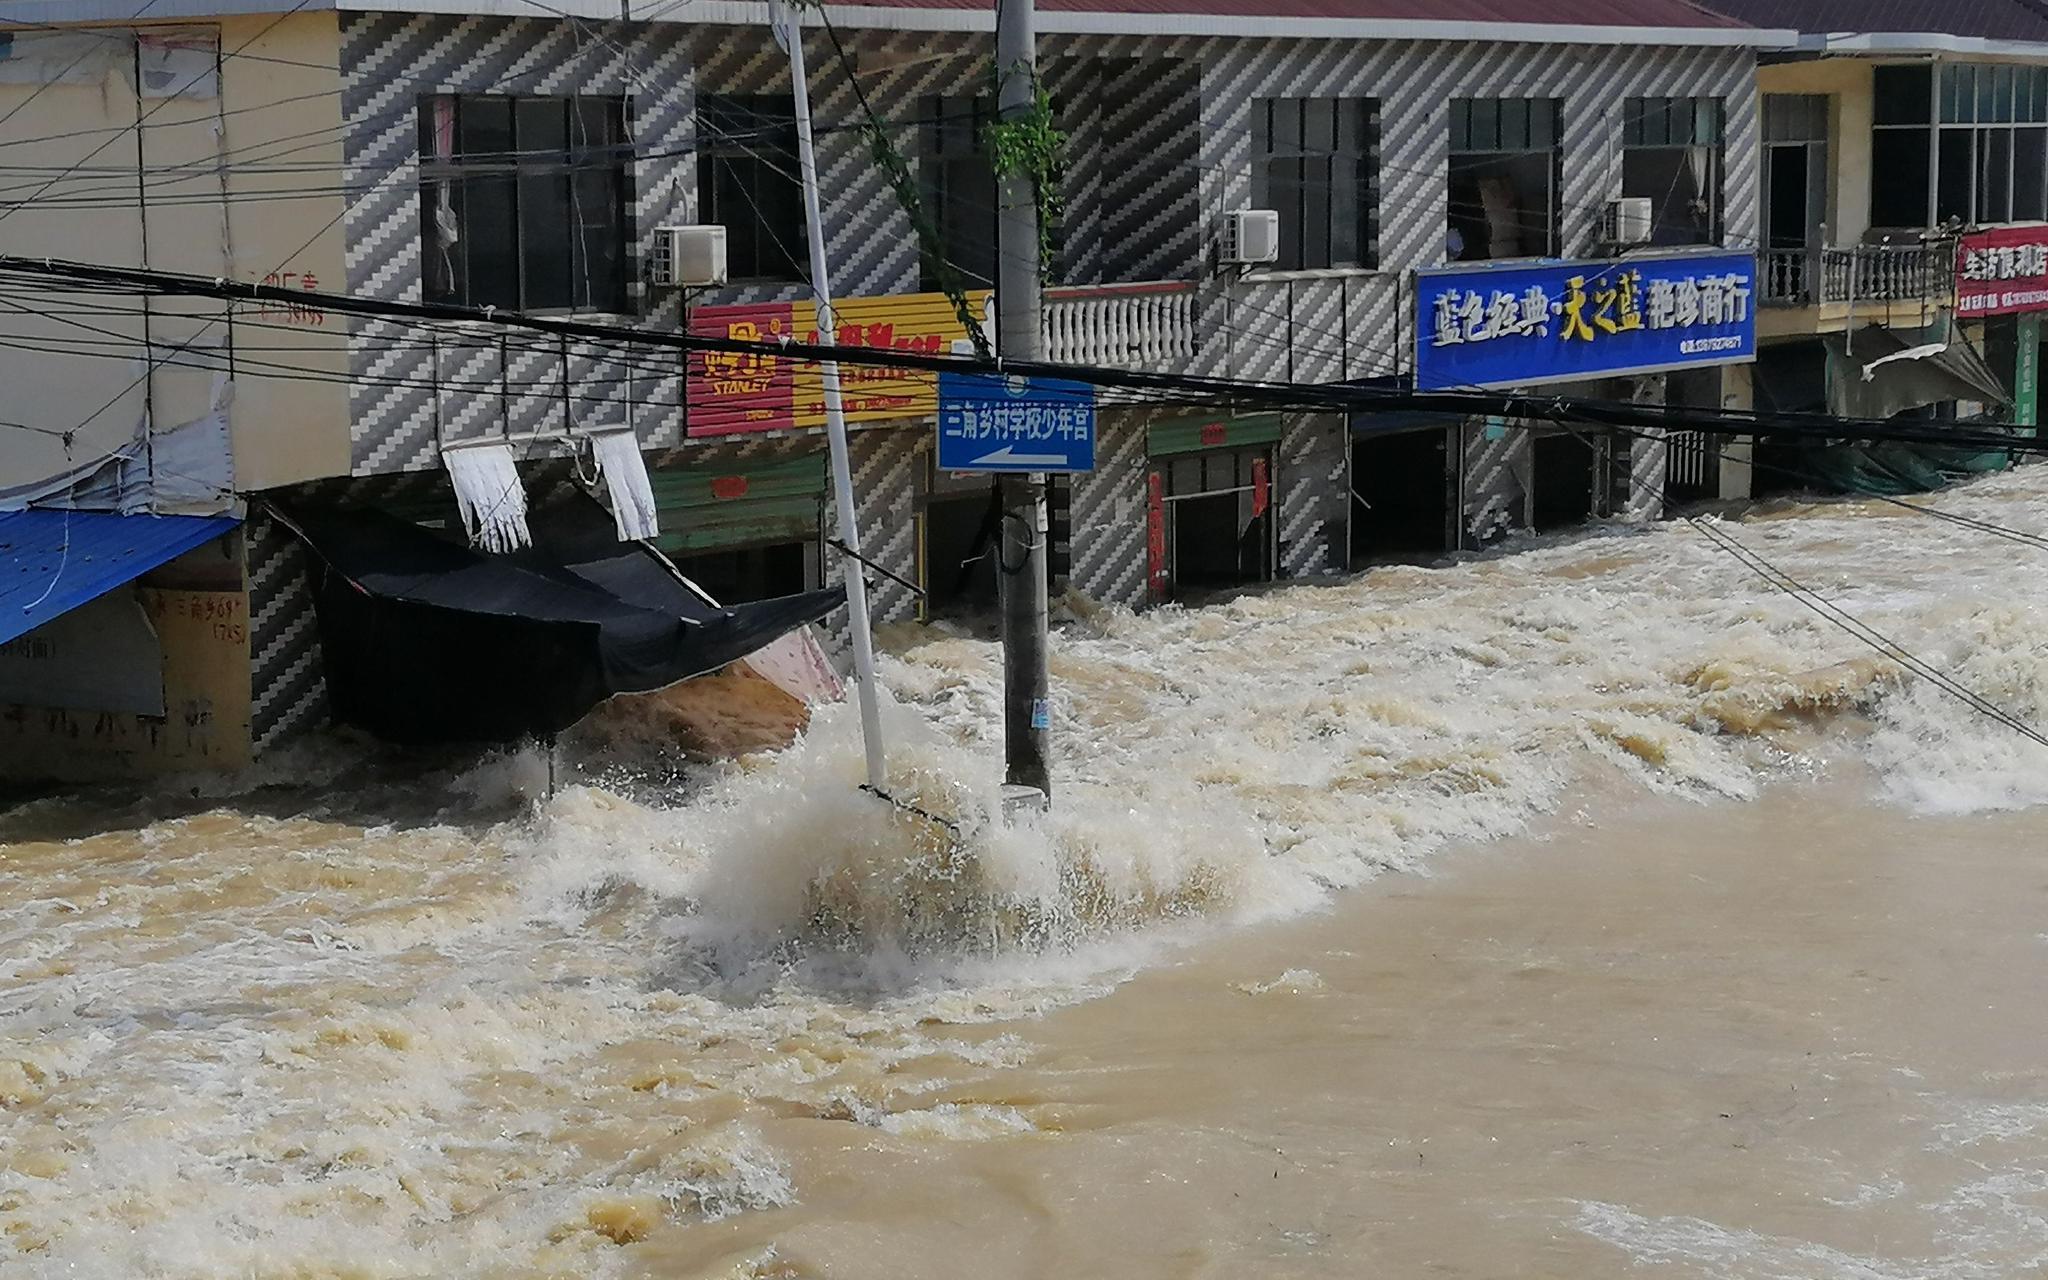 赢咖3官网救援赢咖3官网队三年前洪灾也图片